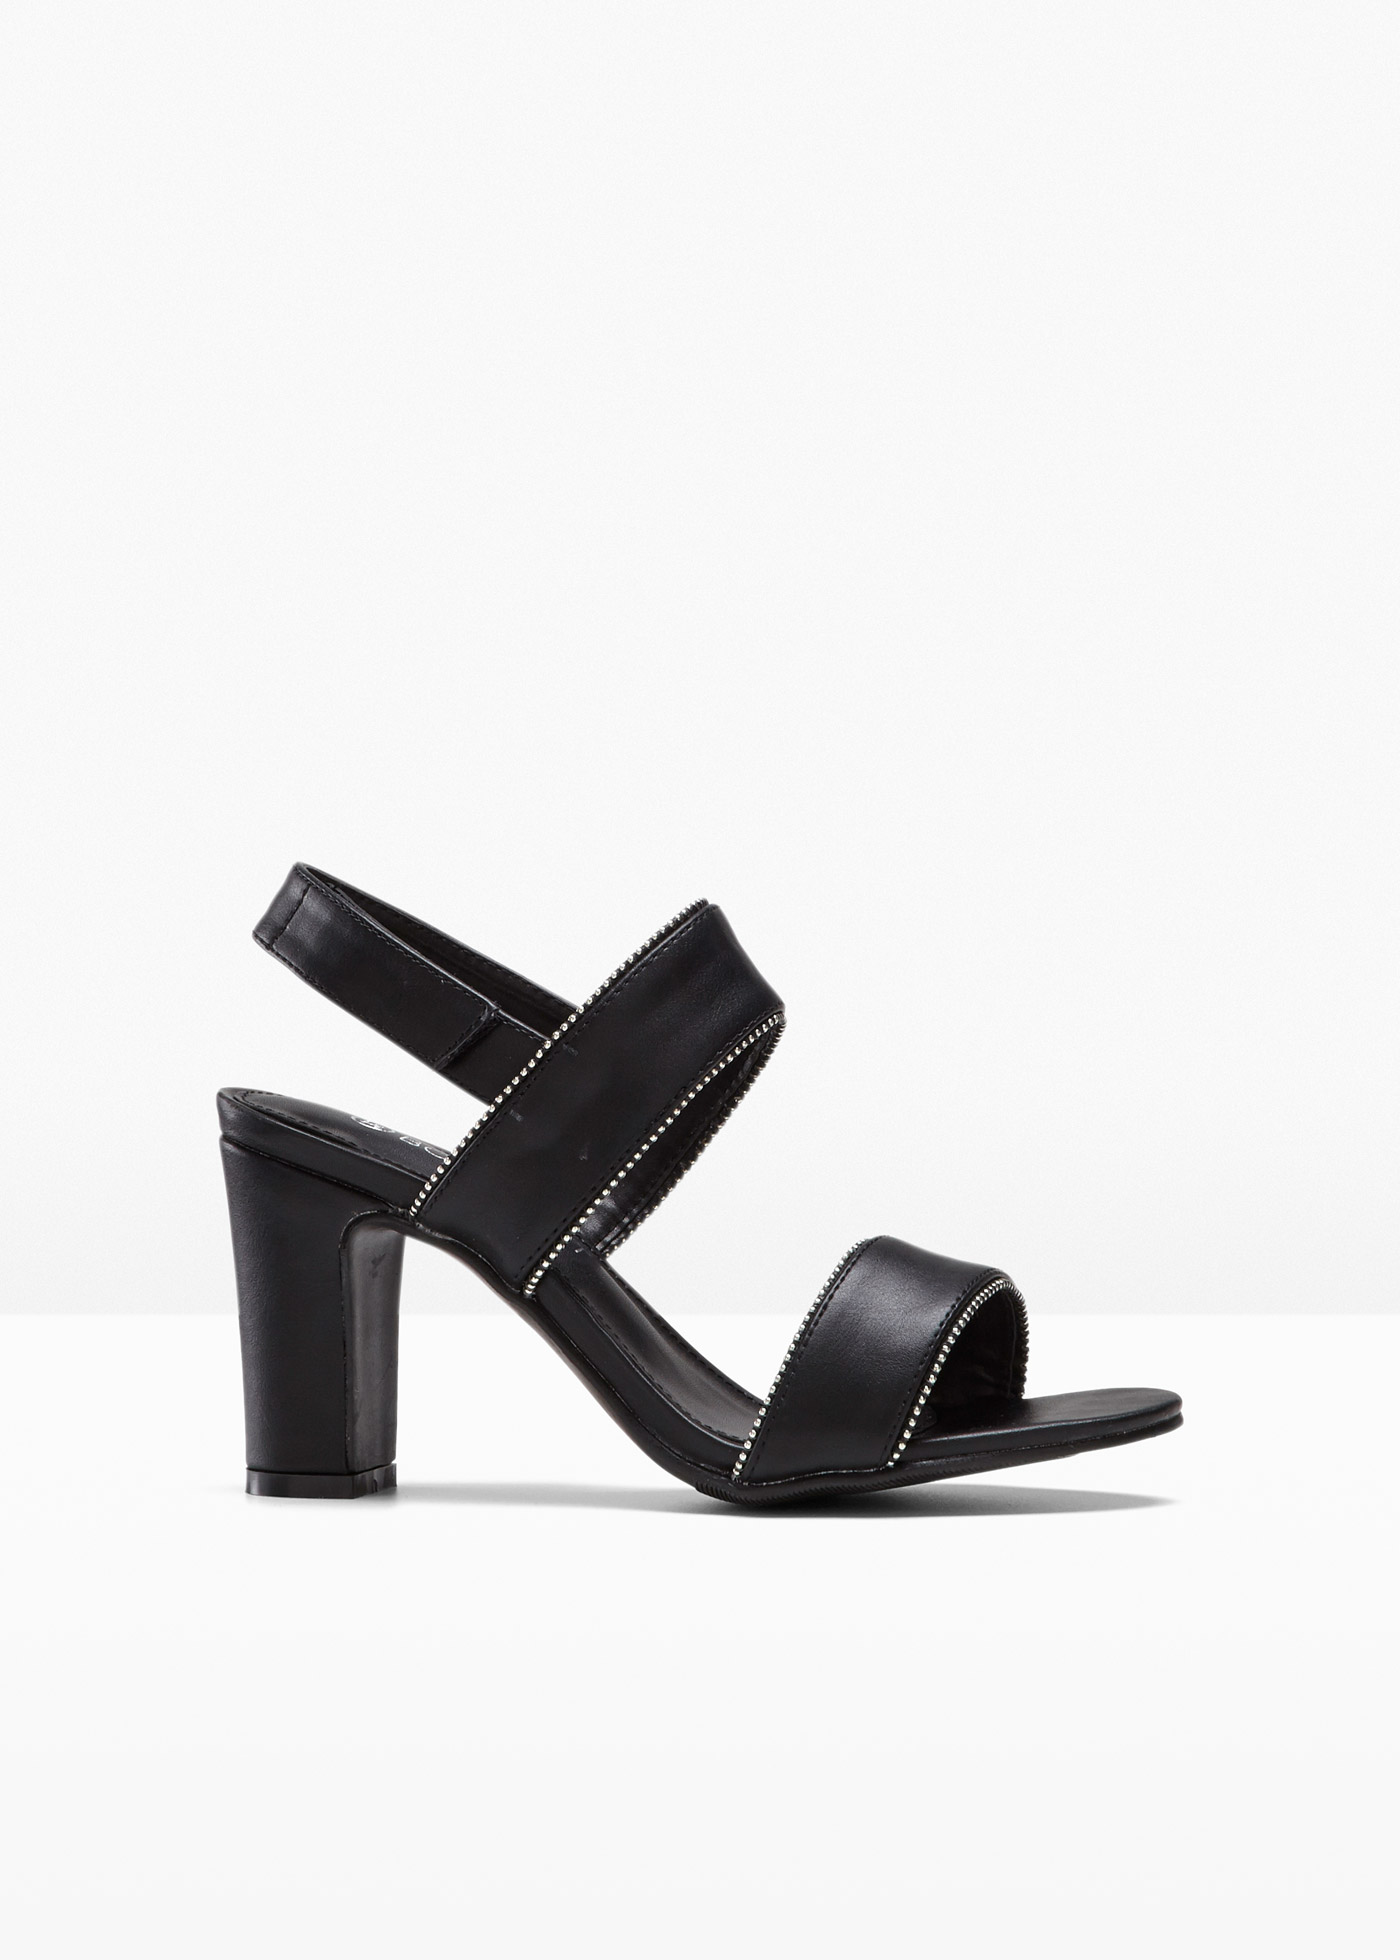 Sandalette mit 8 cm Blockabsatz in schwarz von bonprix